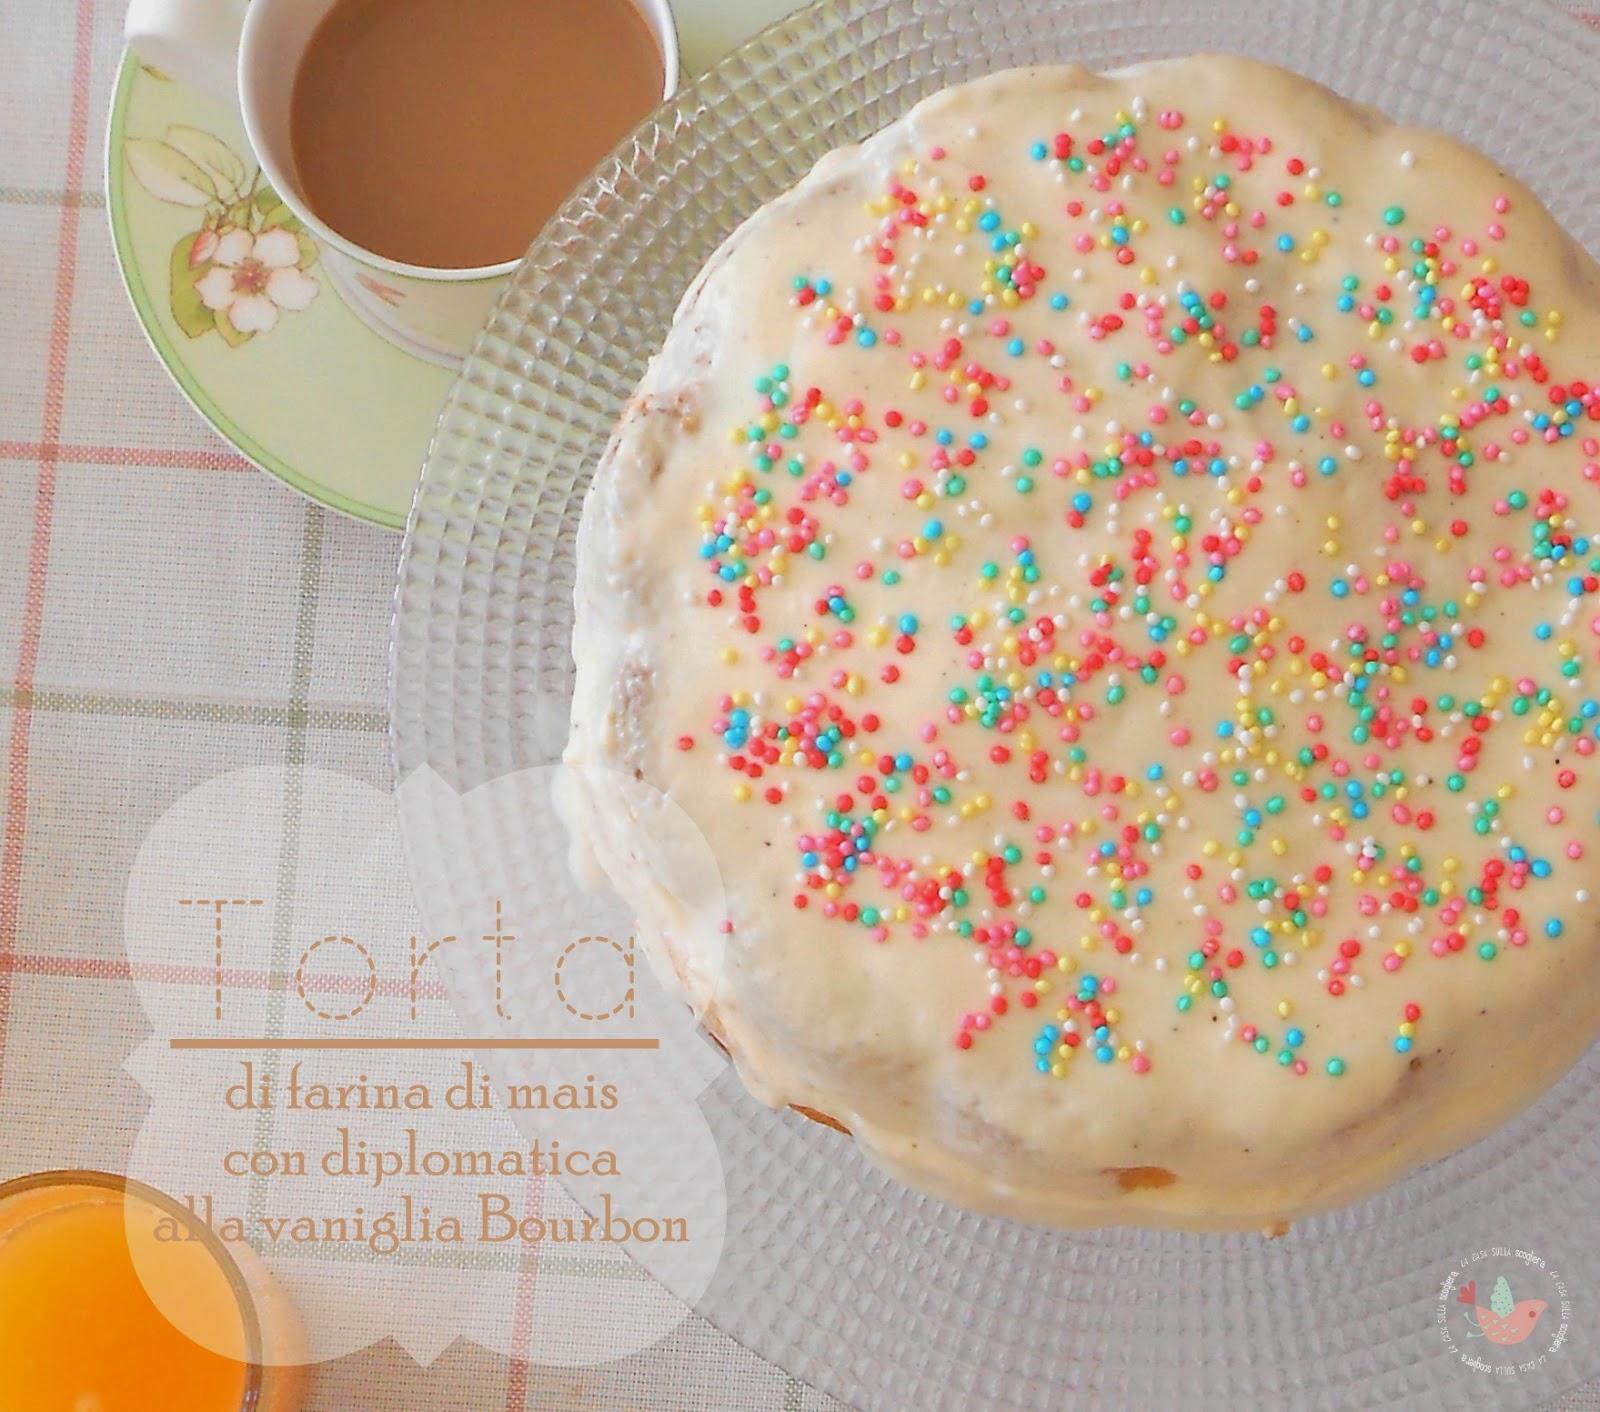 Torta di farina di mais con crema diplomatica alla vaniglia Bourbon: la felicità nel piatto della prima colazione!